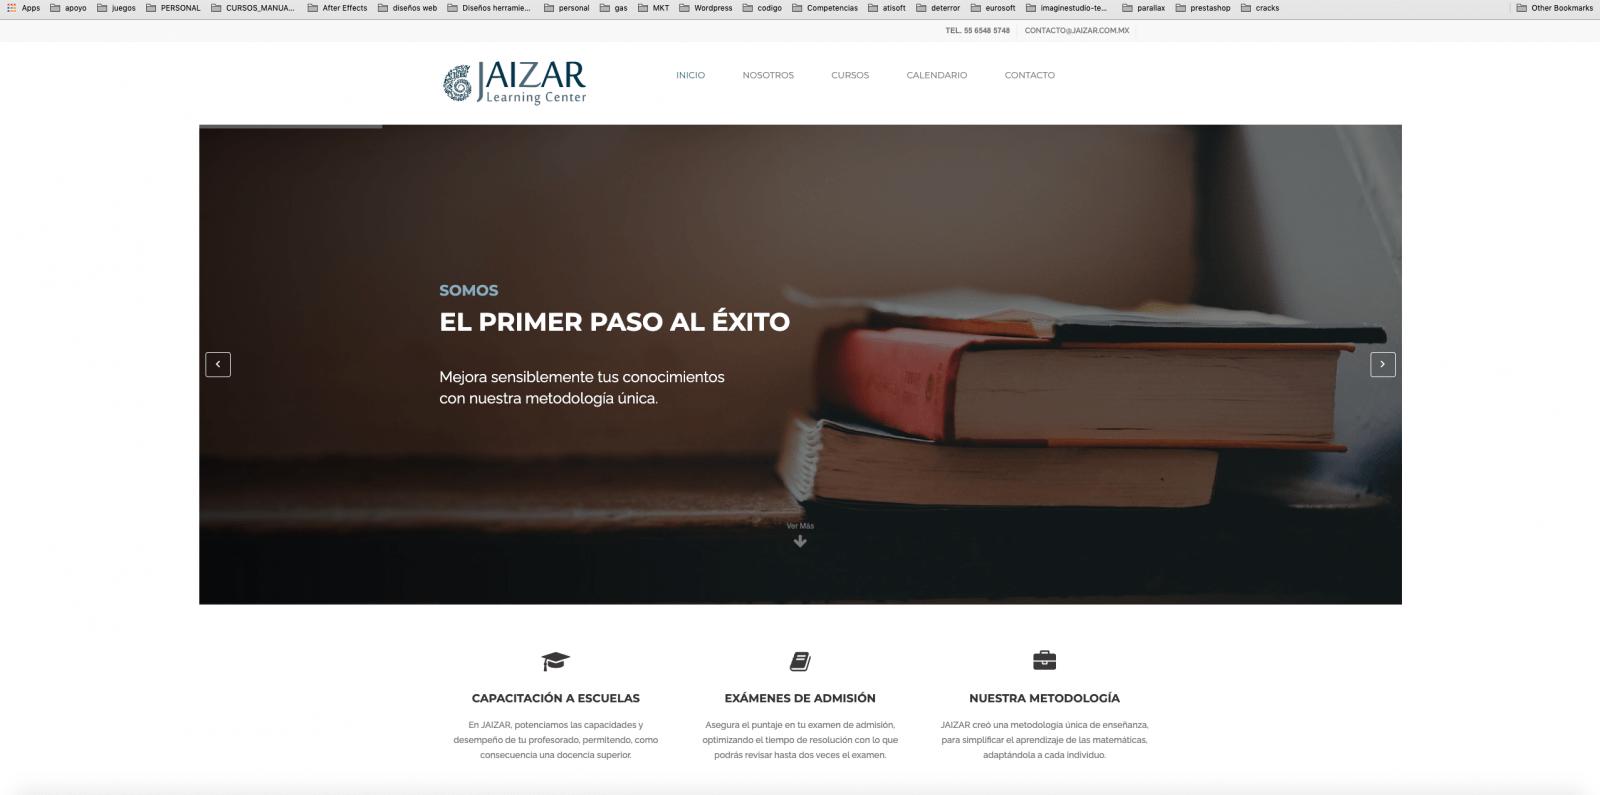 diseño de pagina web jaizar